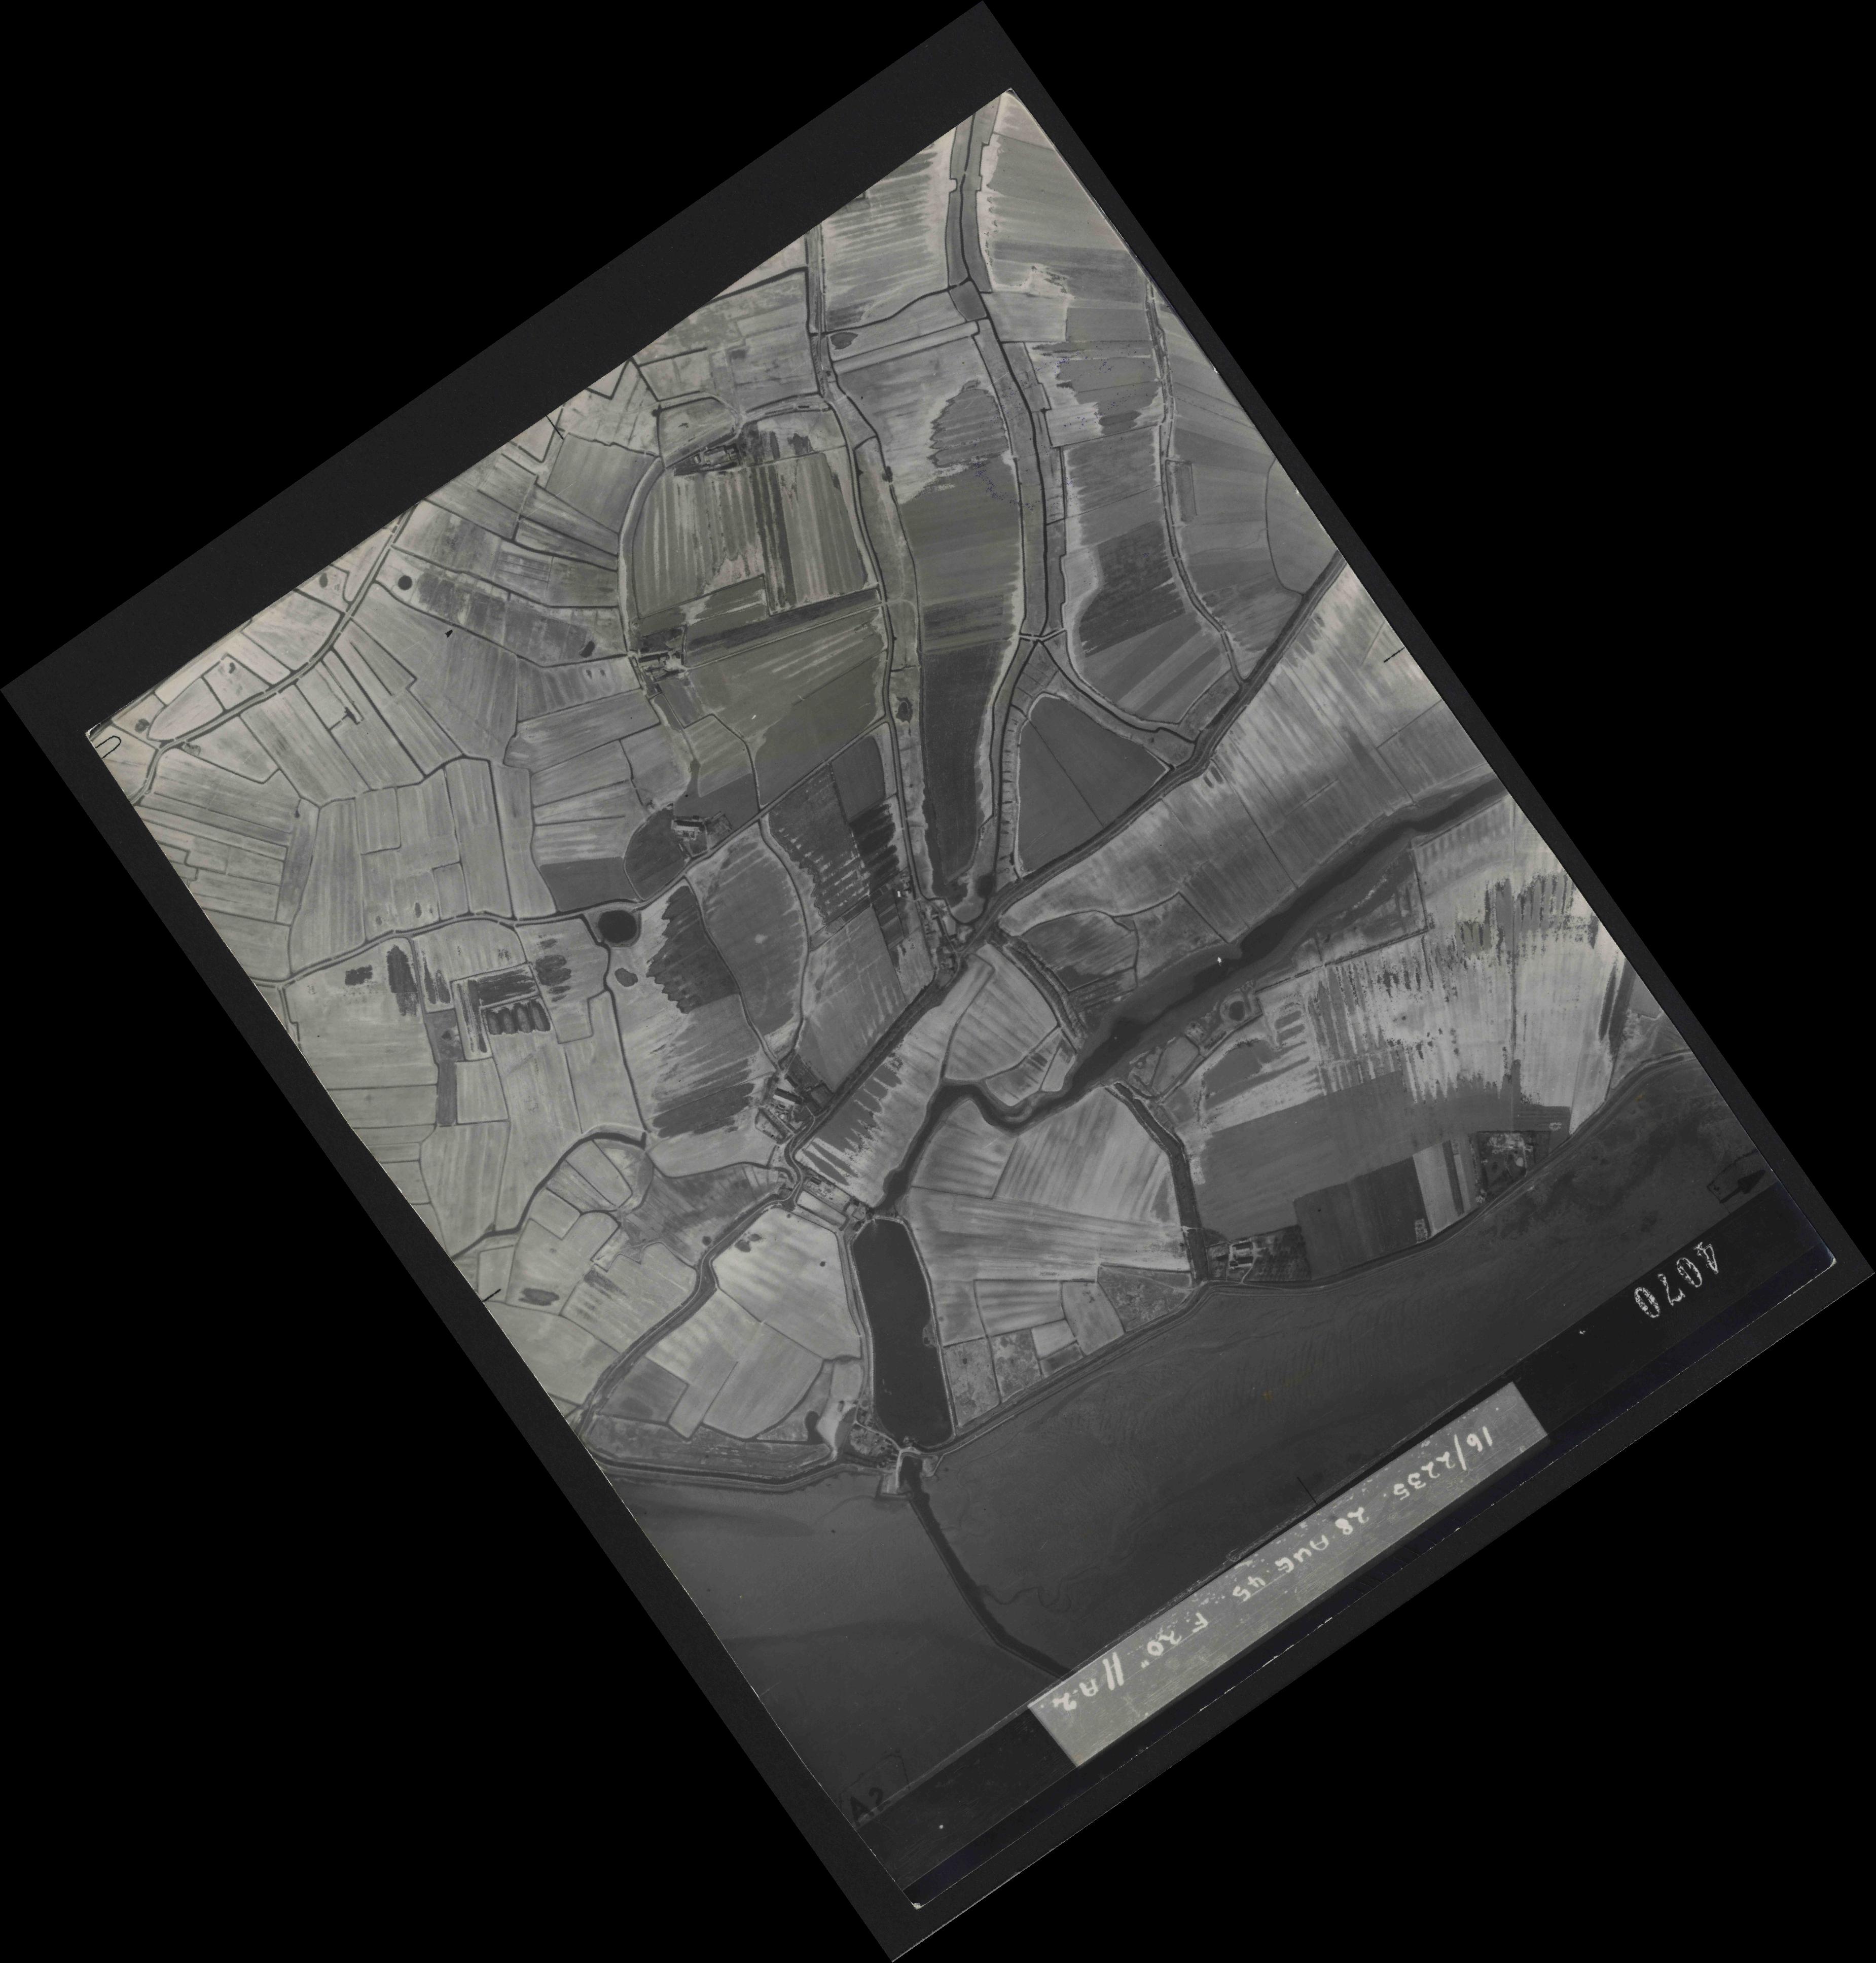 Collection RAF aerial photos 1940-1945 - flight 033, run 10, photo 4070